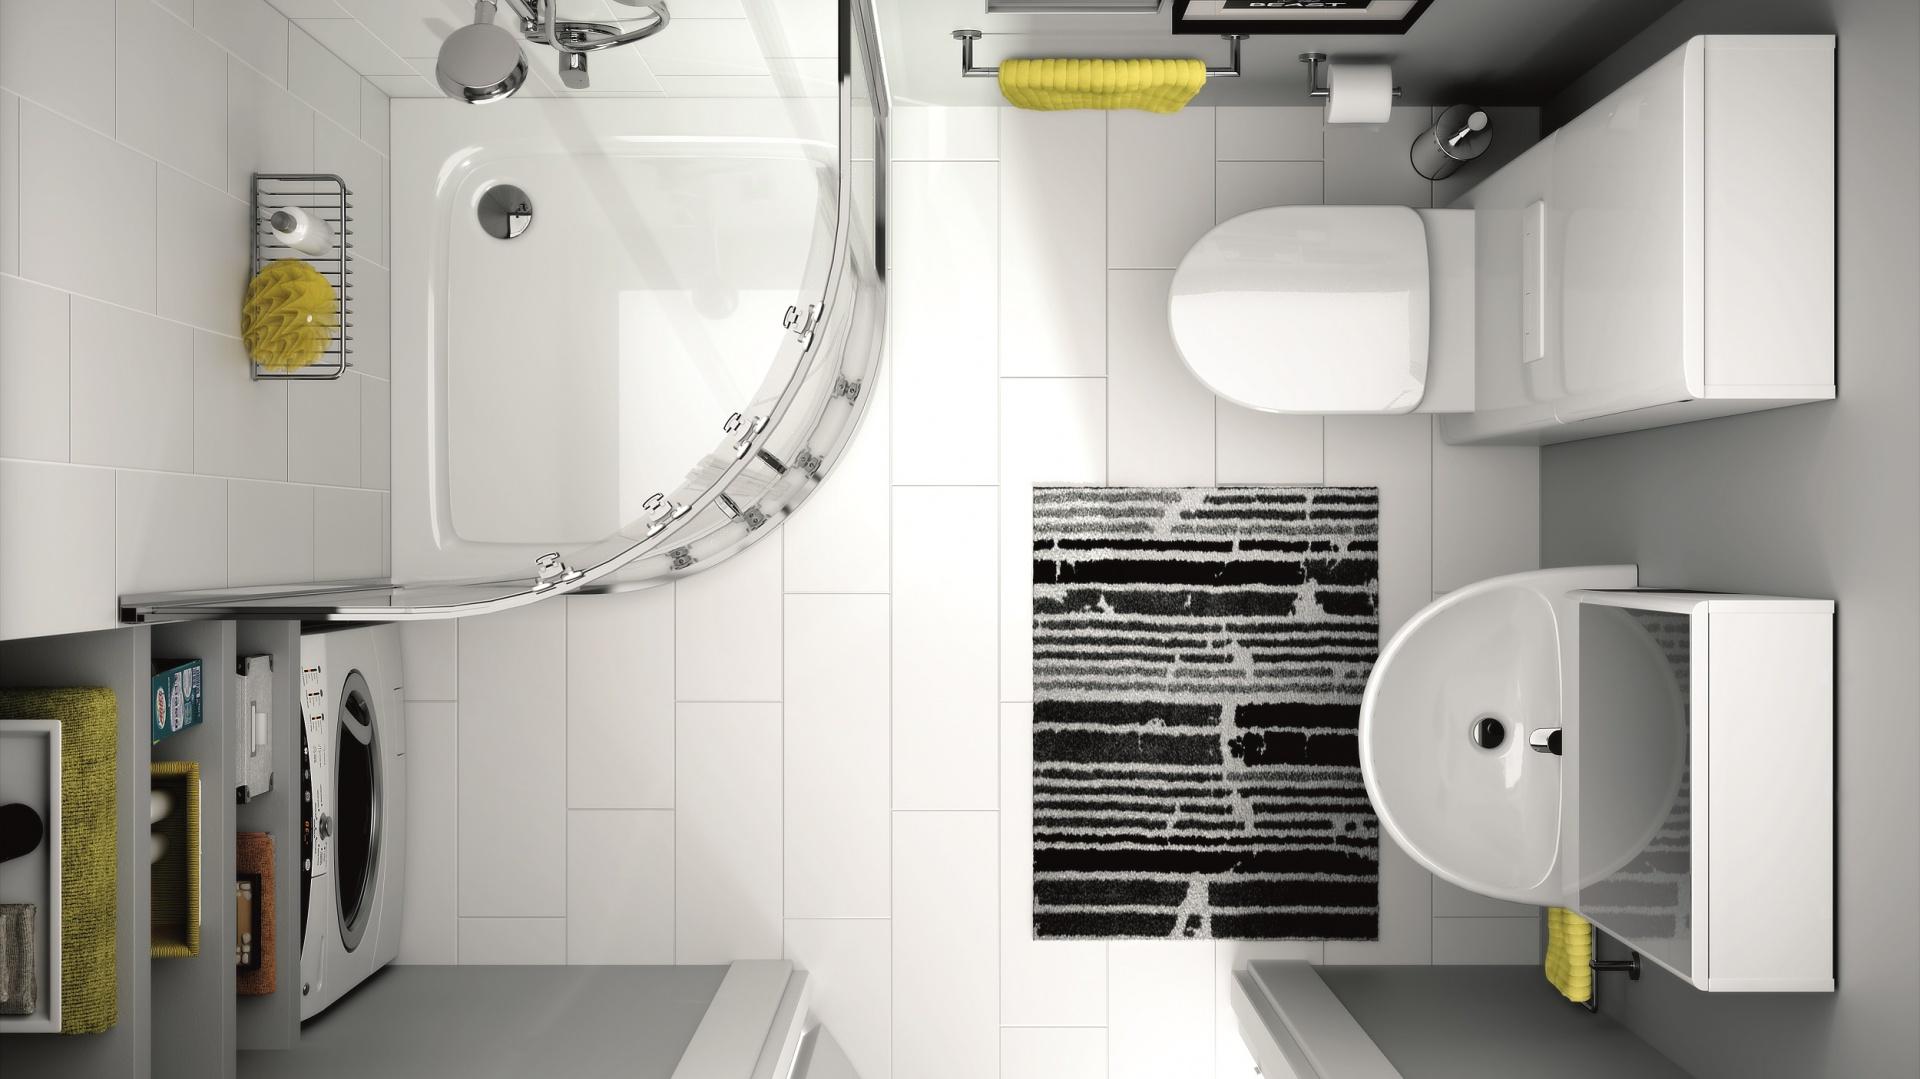 Narożna kabina, pralka we wnęce, sedes z modułem sanitarnym (maskuje instalacje), szafka z lustrem to patenty do ciasnych łazienek - seria Nova Pro marki Koło. Fot. Koło.